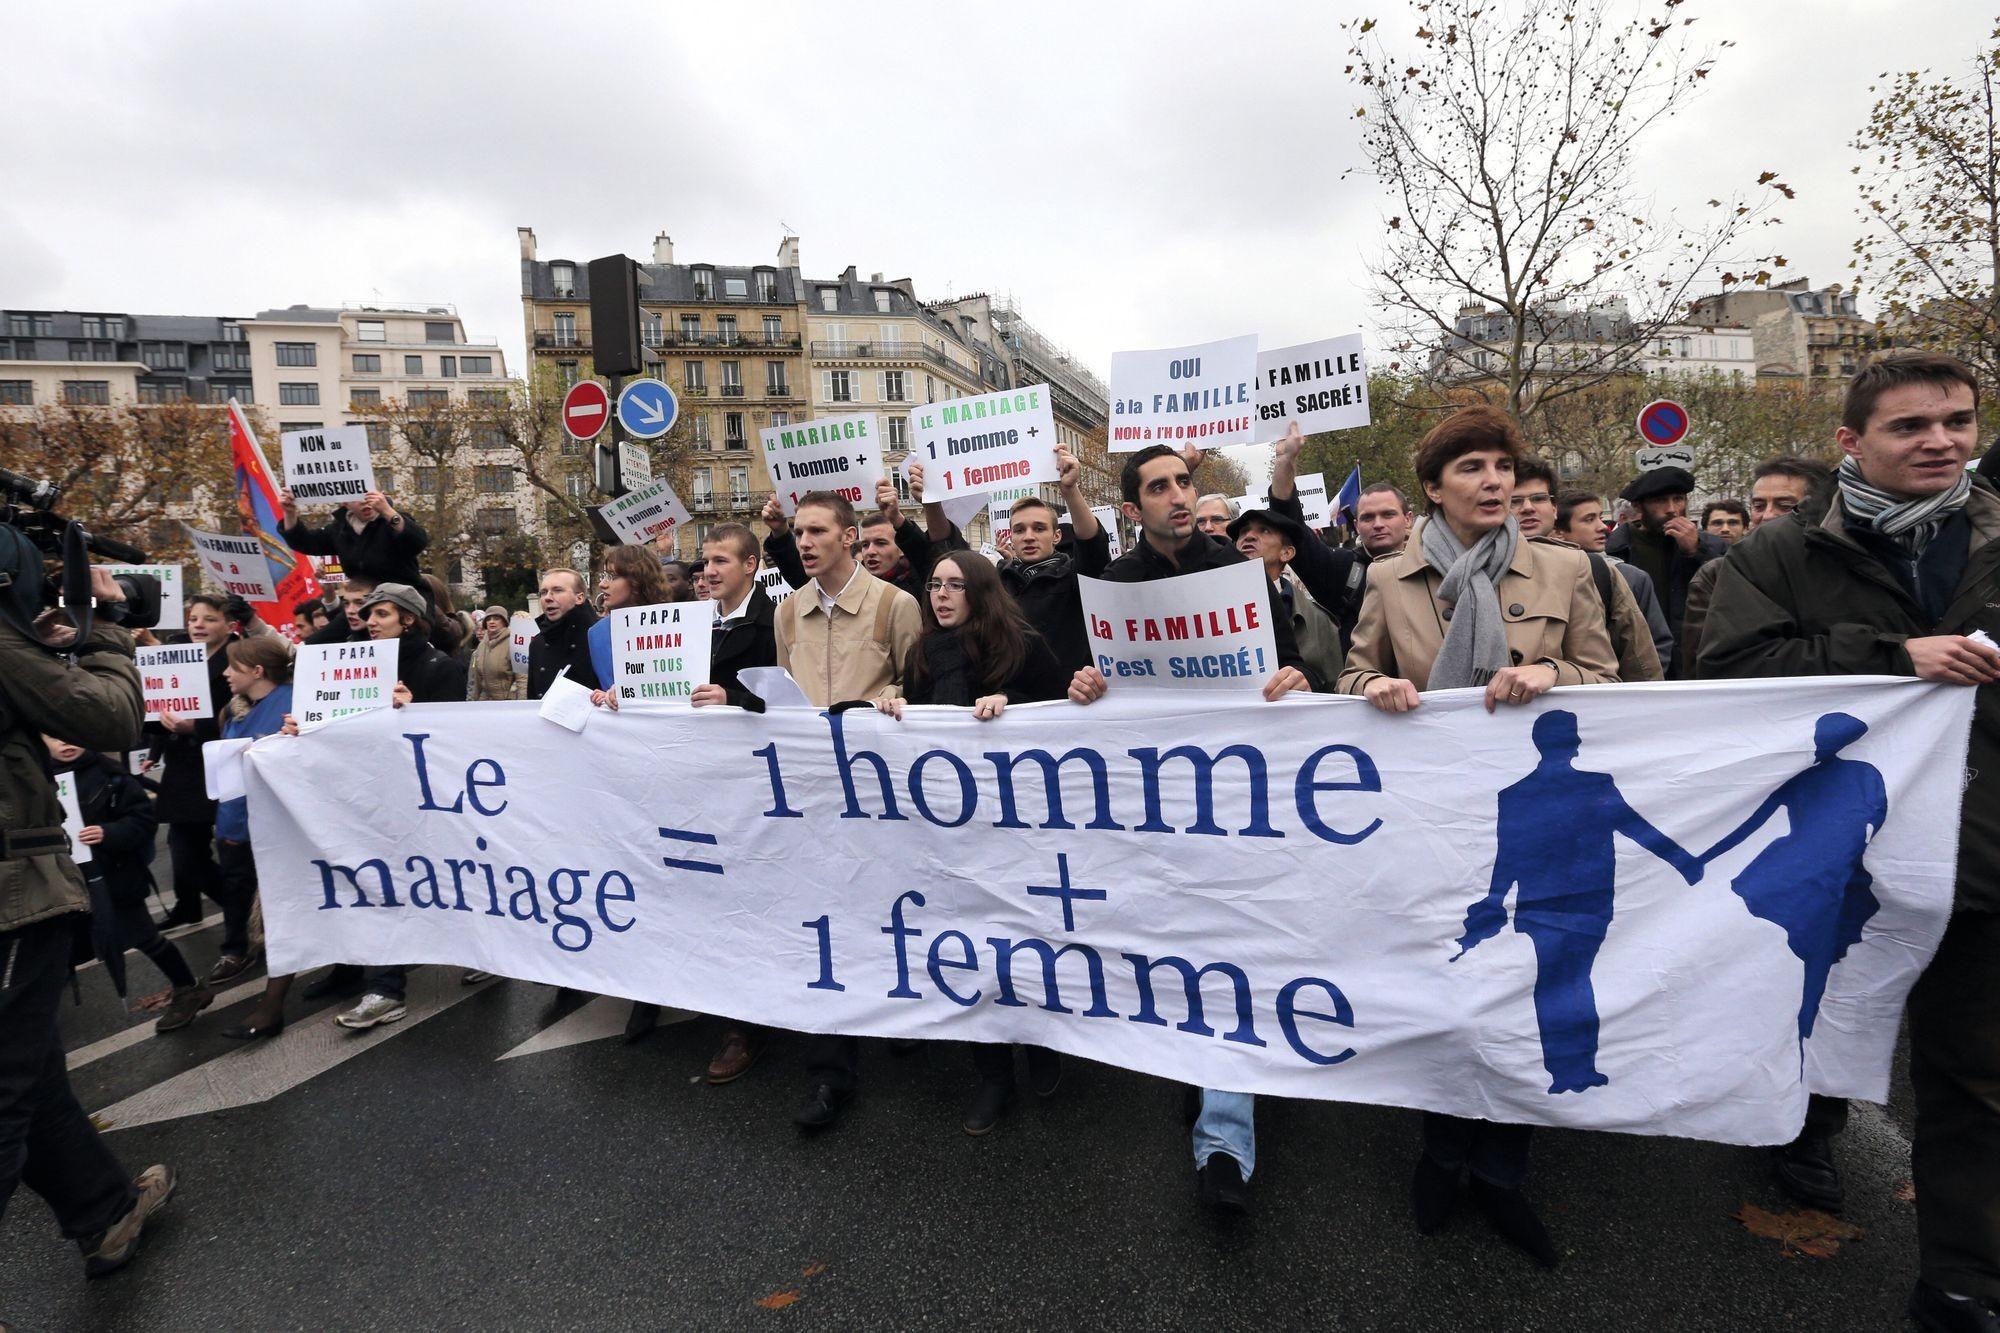 Le « mariage pour tous » : une société divisée